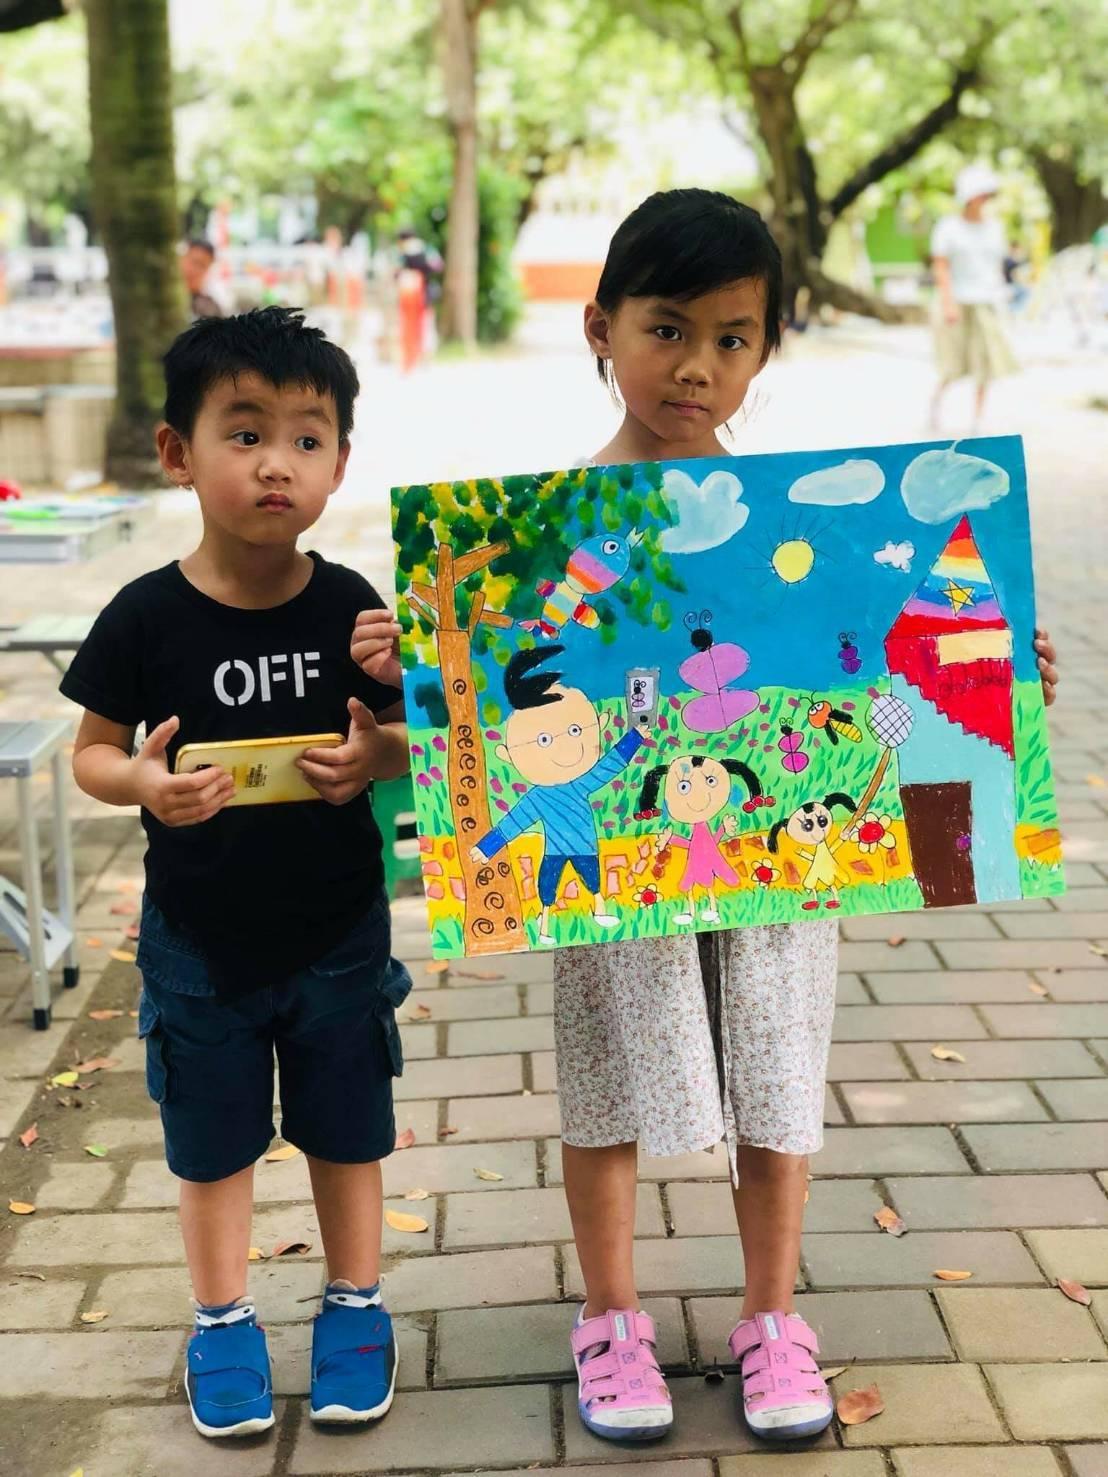 超可愛的小朋友,把所有想像盡情發揮在圖紙上,繽紛彩麗又生動,年僅5歲小小畫家「巧...